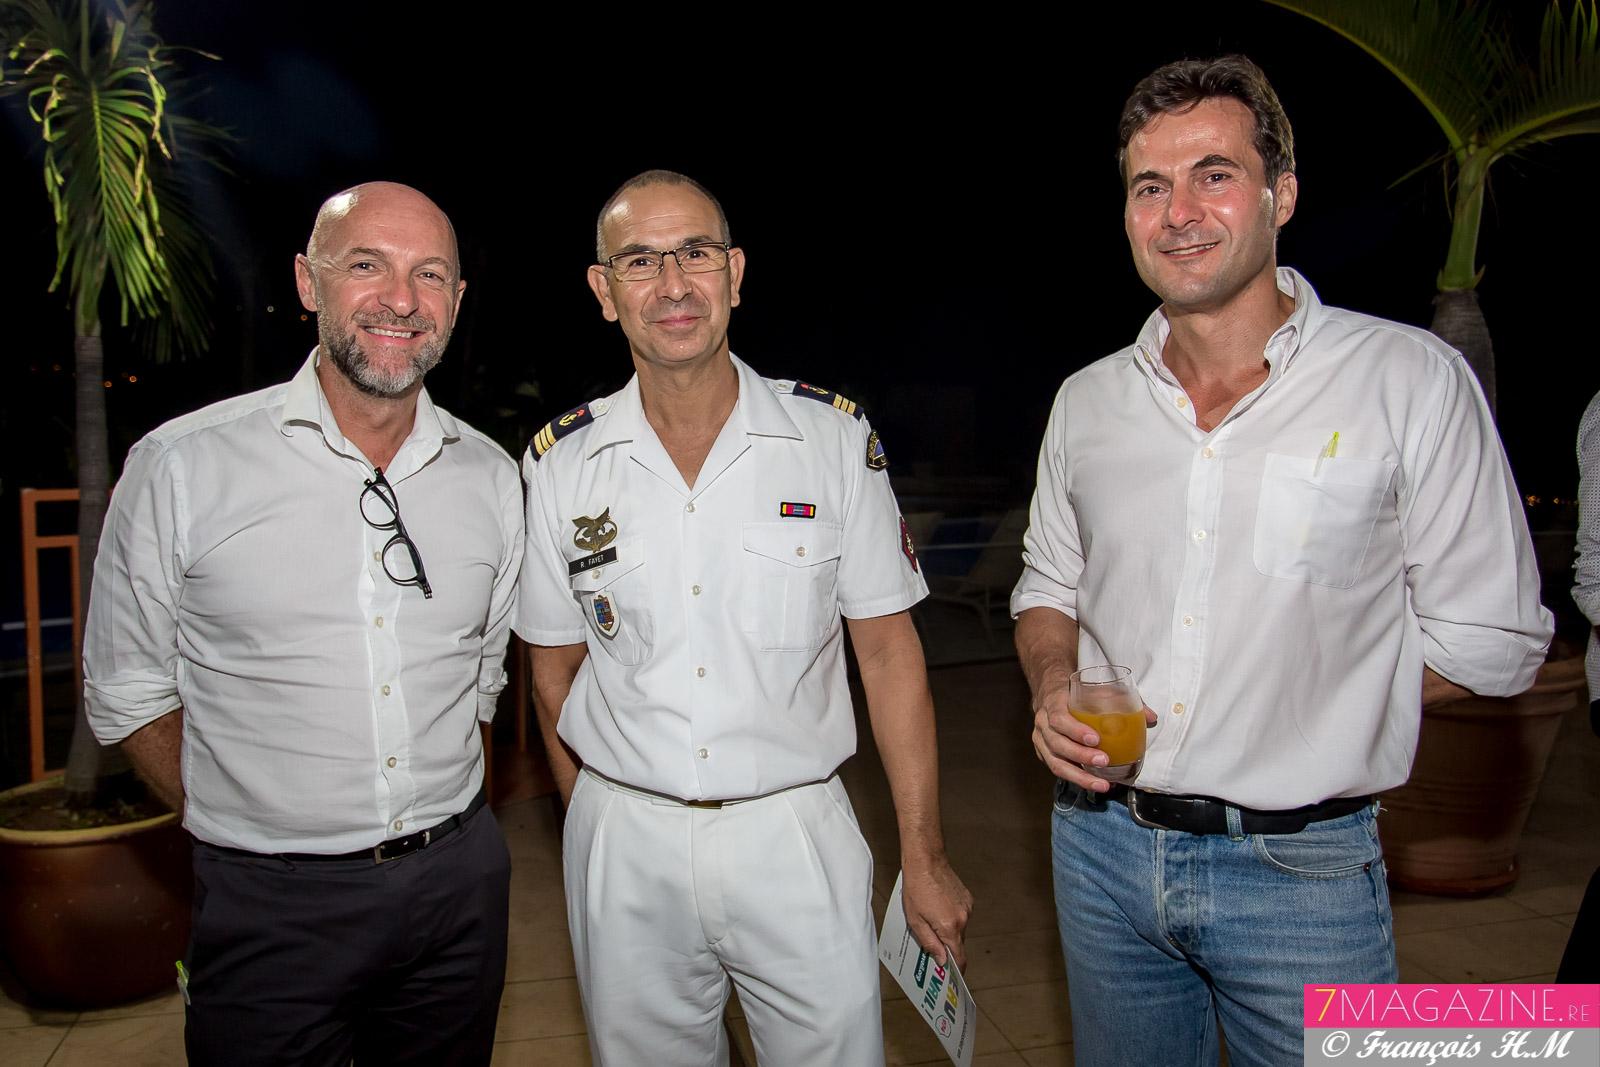 Dominique Roussel, Colonel Fayet, et un invité